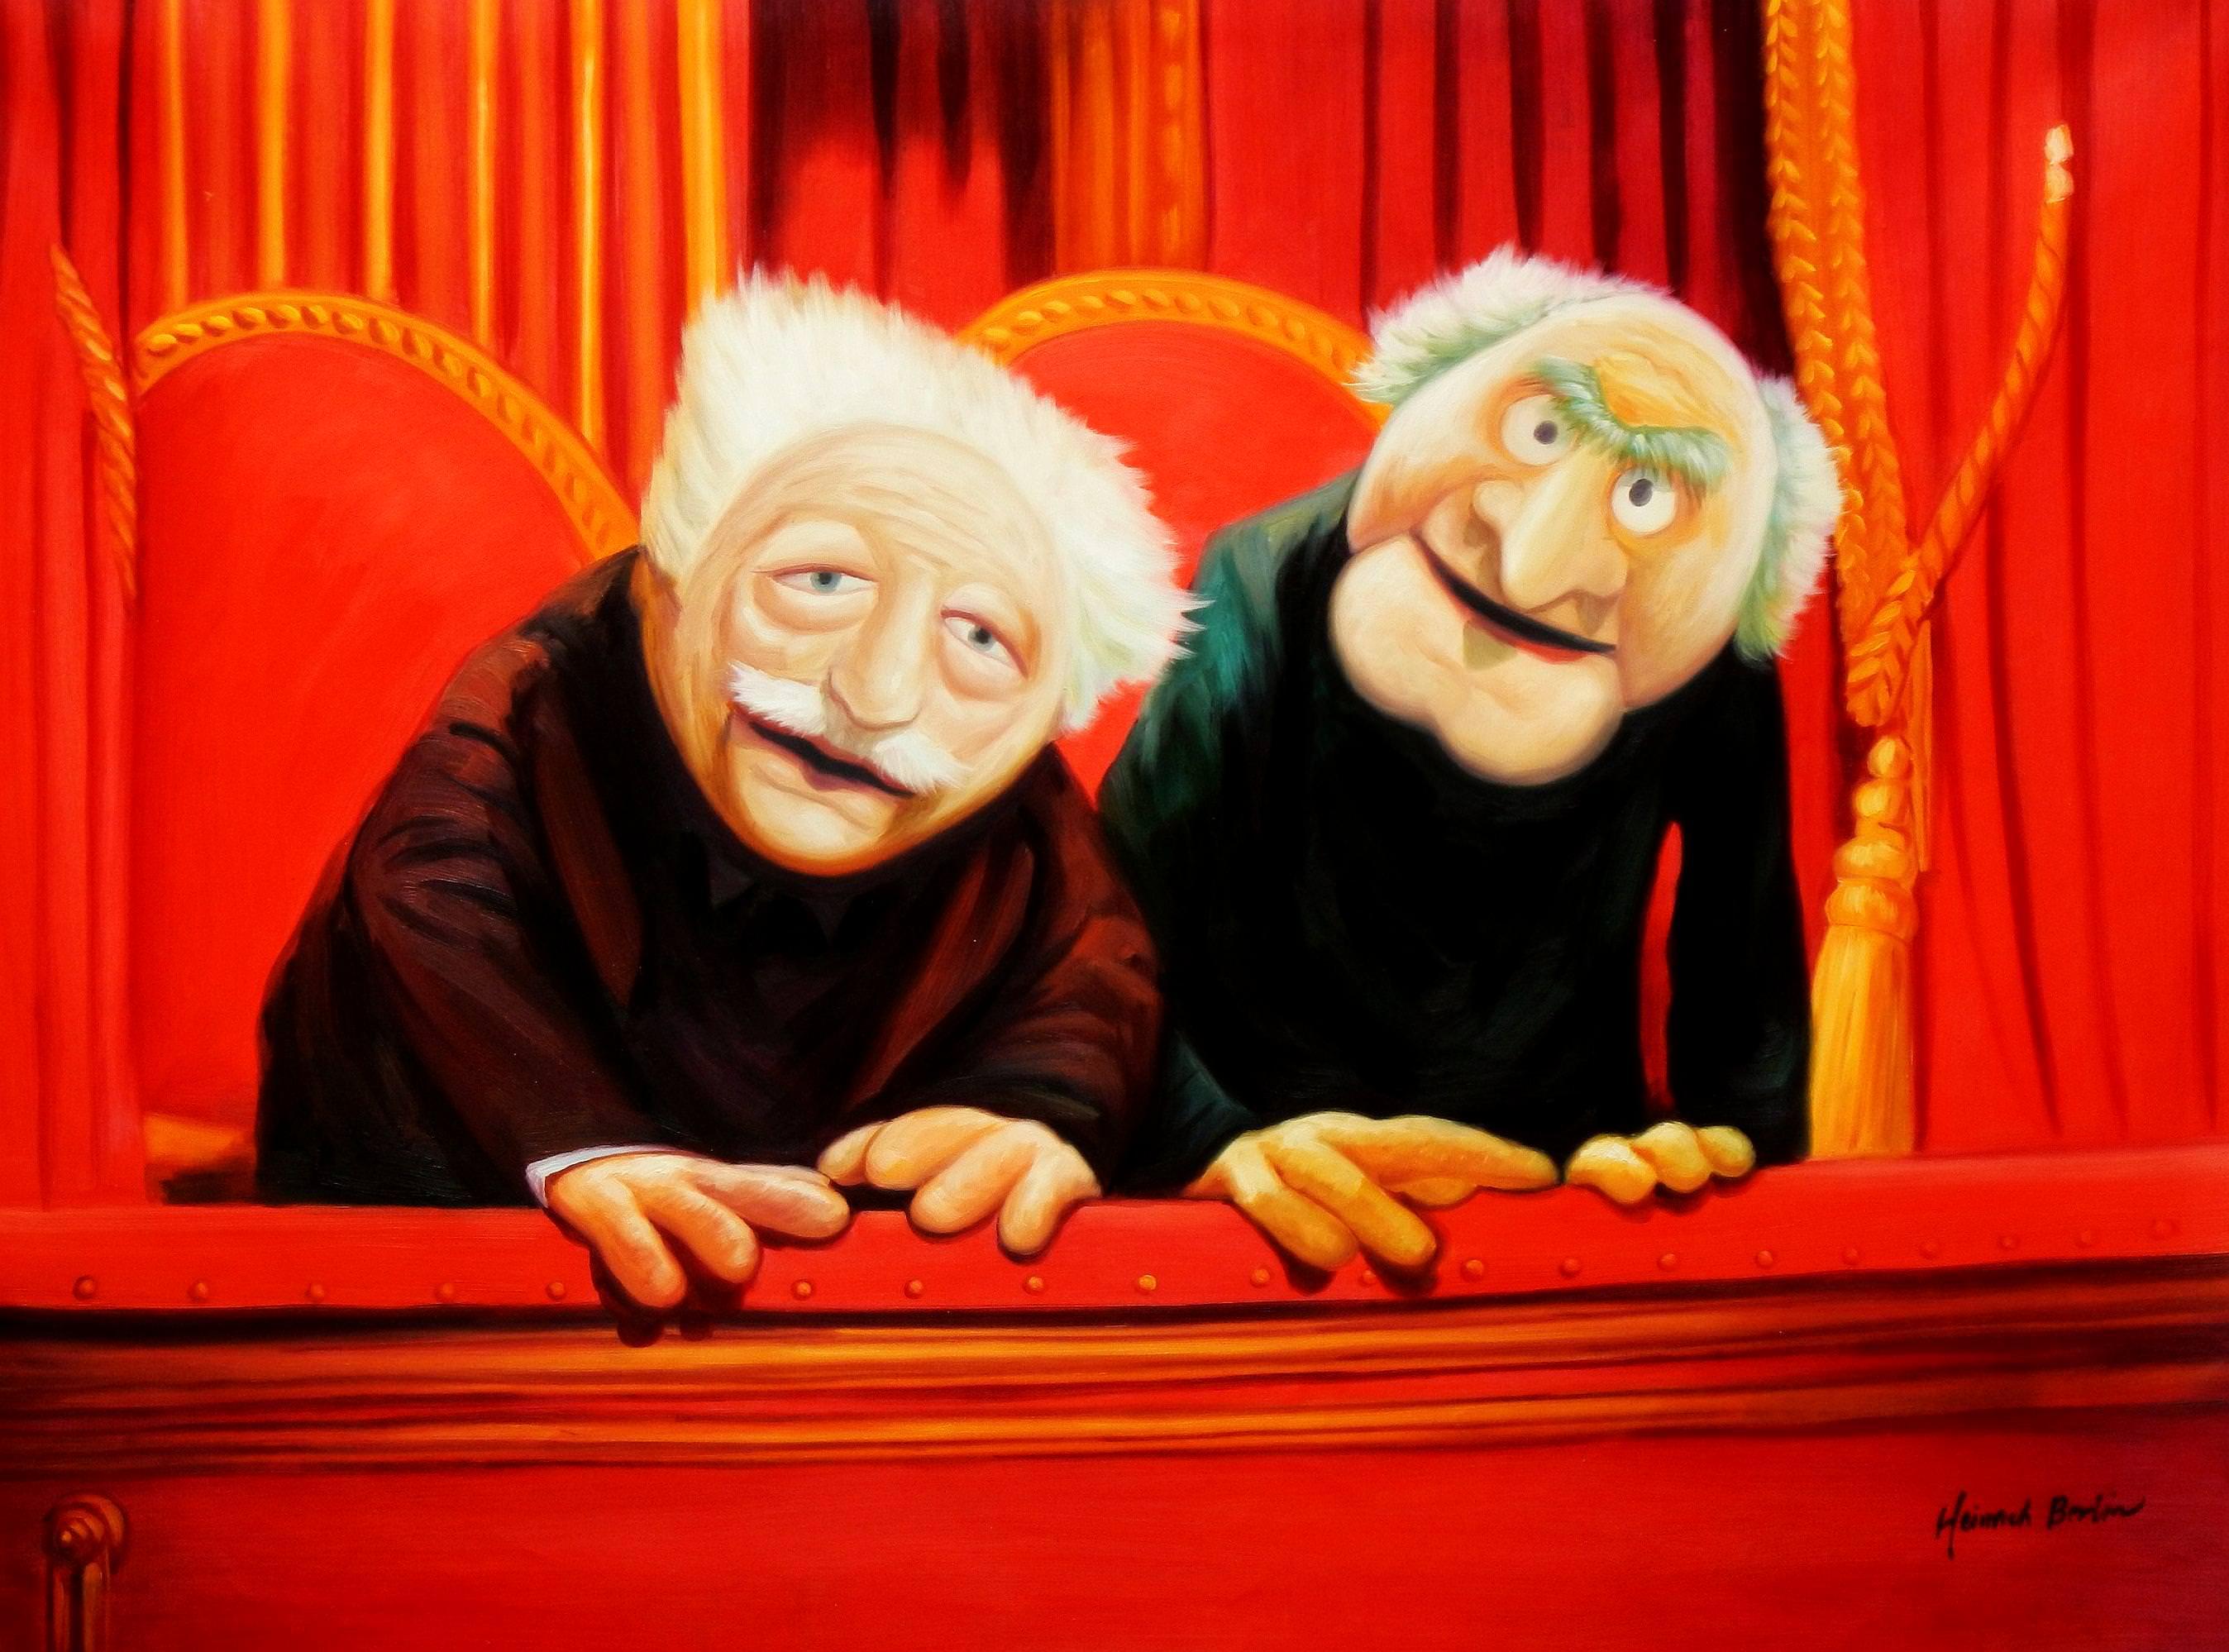 Muppet Opas Waldorf & Statler Pop Art k93545 90x120cm großartiges Ölbild